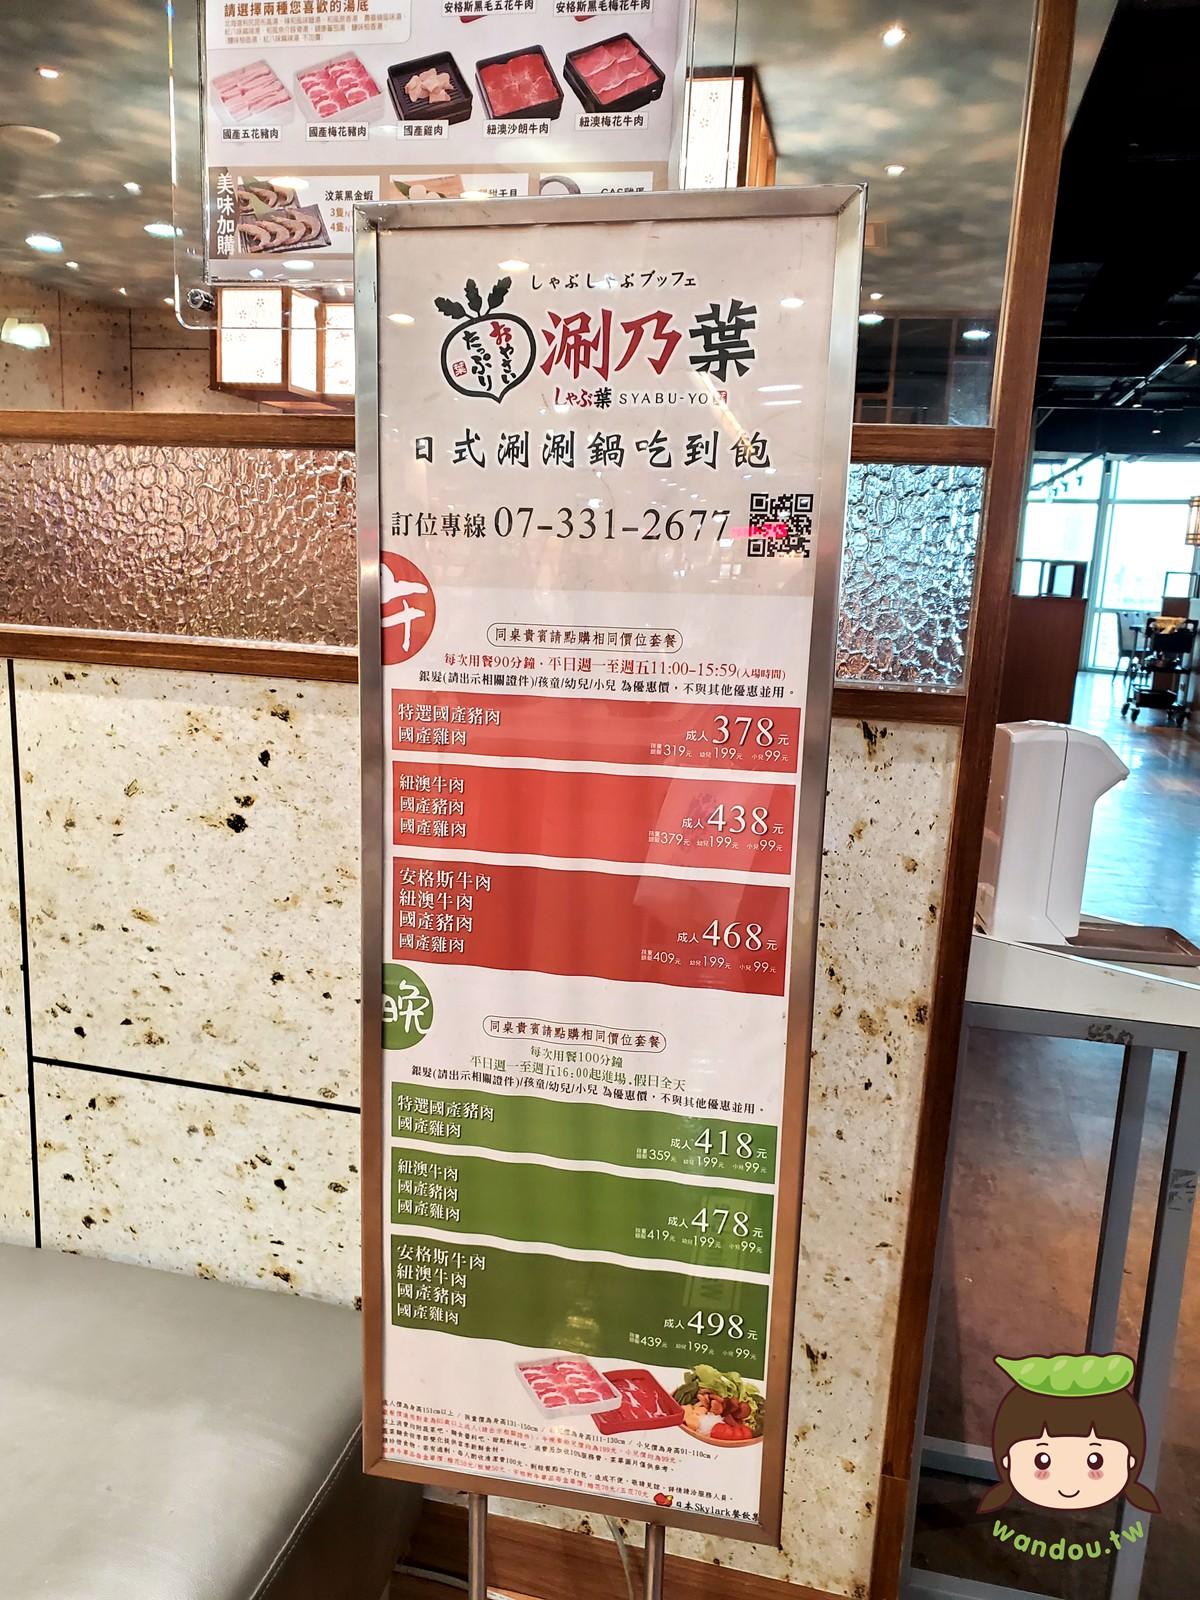 涮乃葉日式涮涮鍋價錢